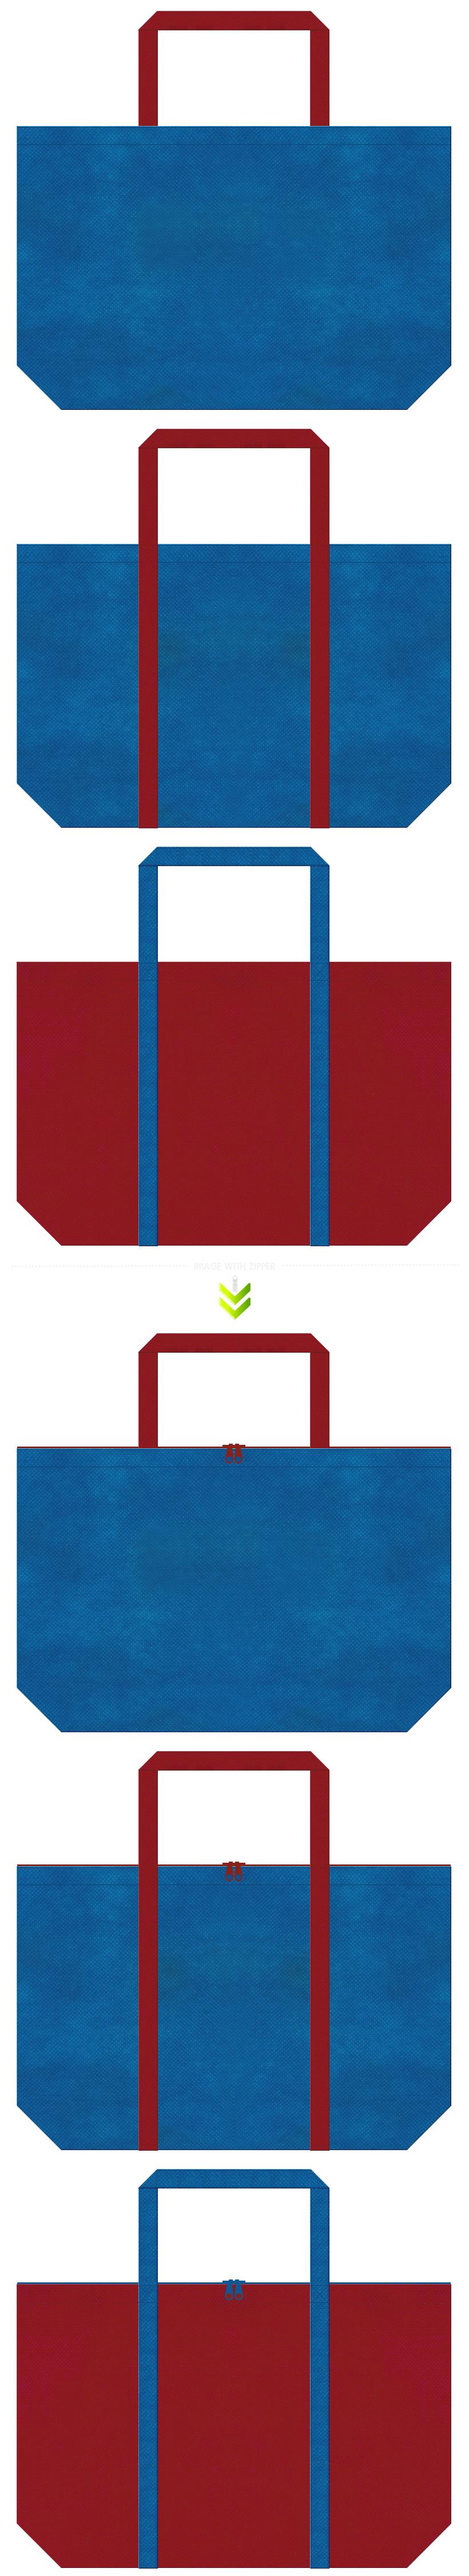 青色とエンジ色の不織布エコバッグのデザイン。